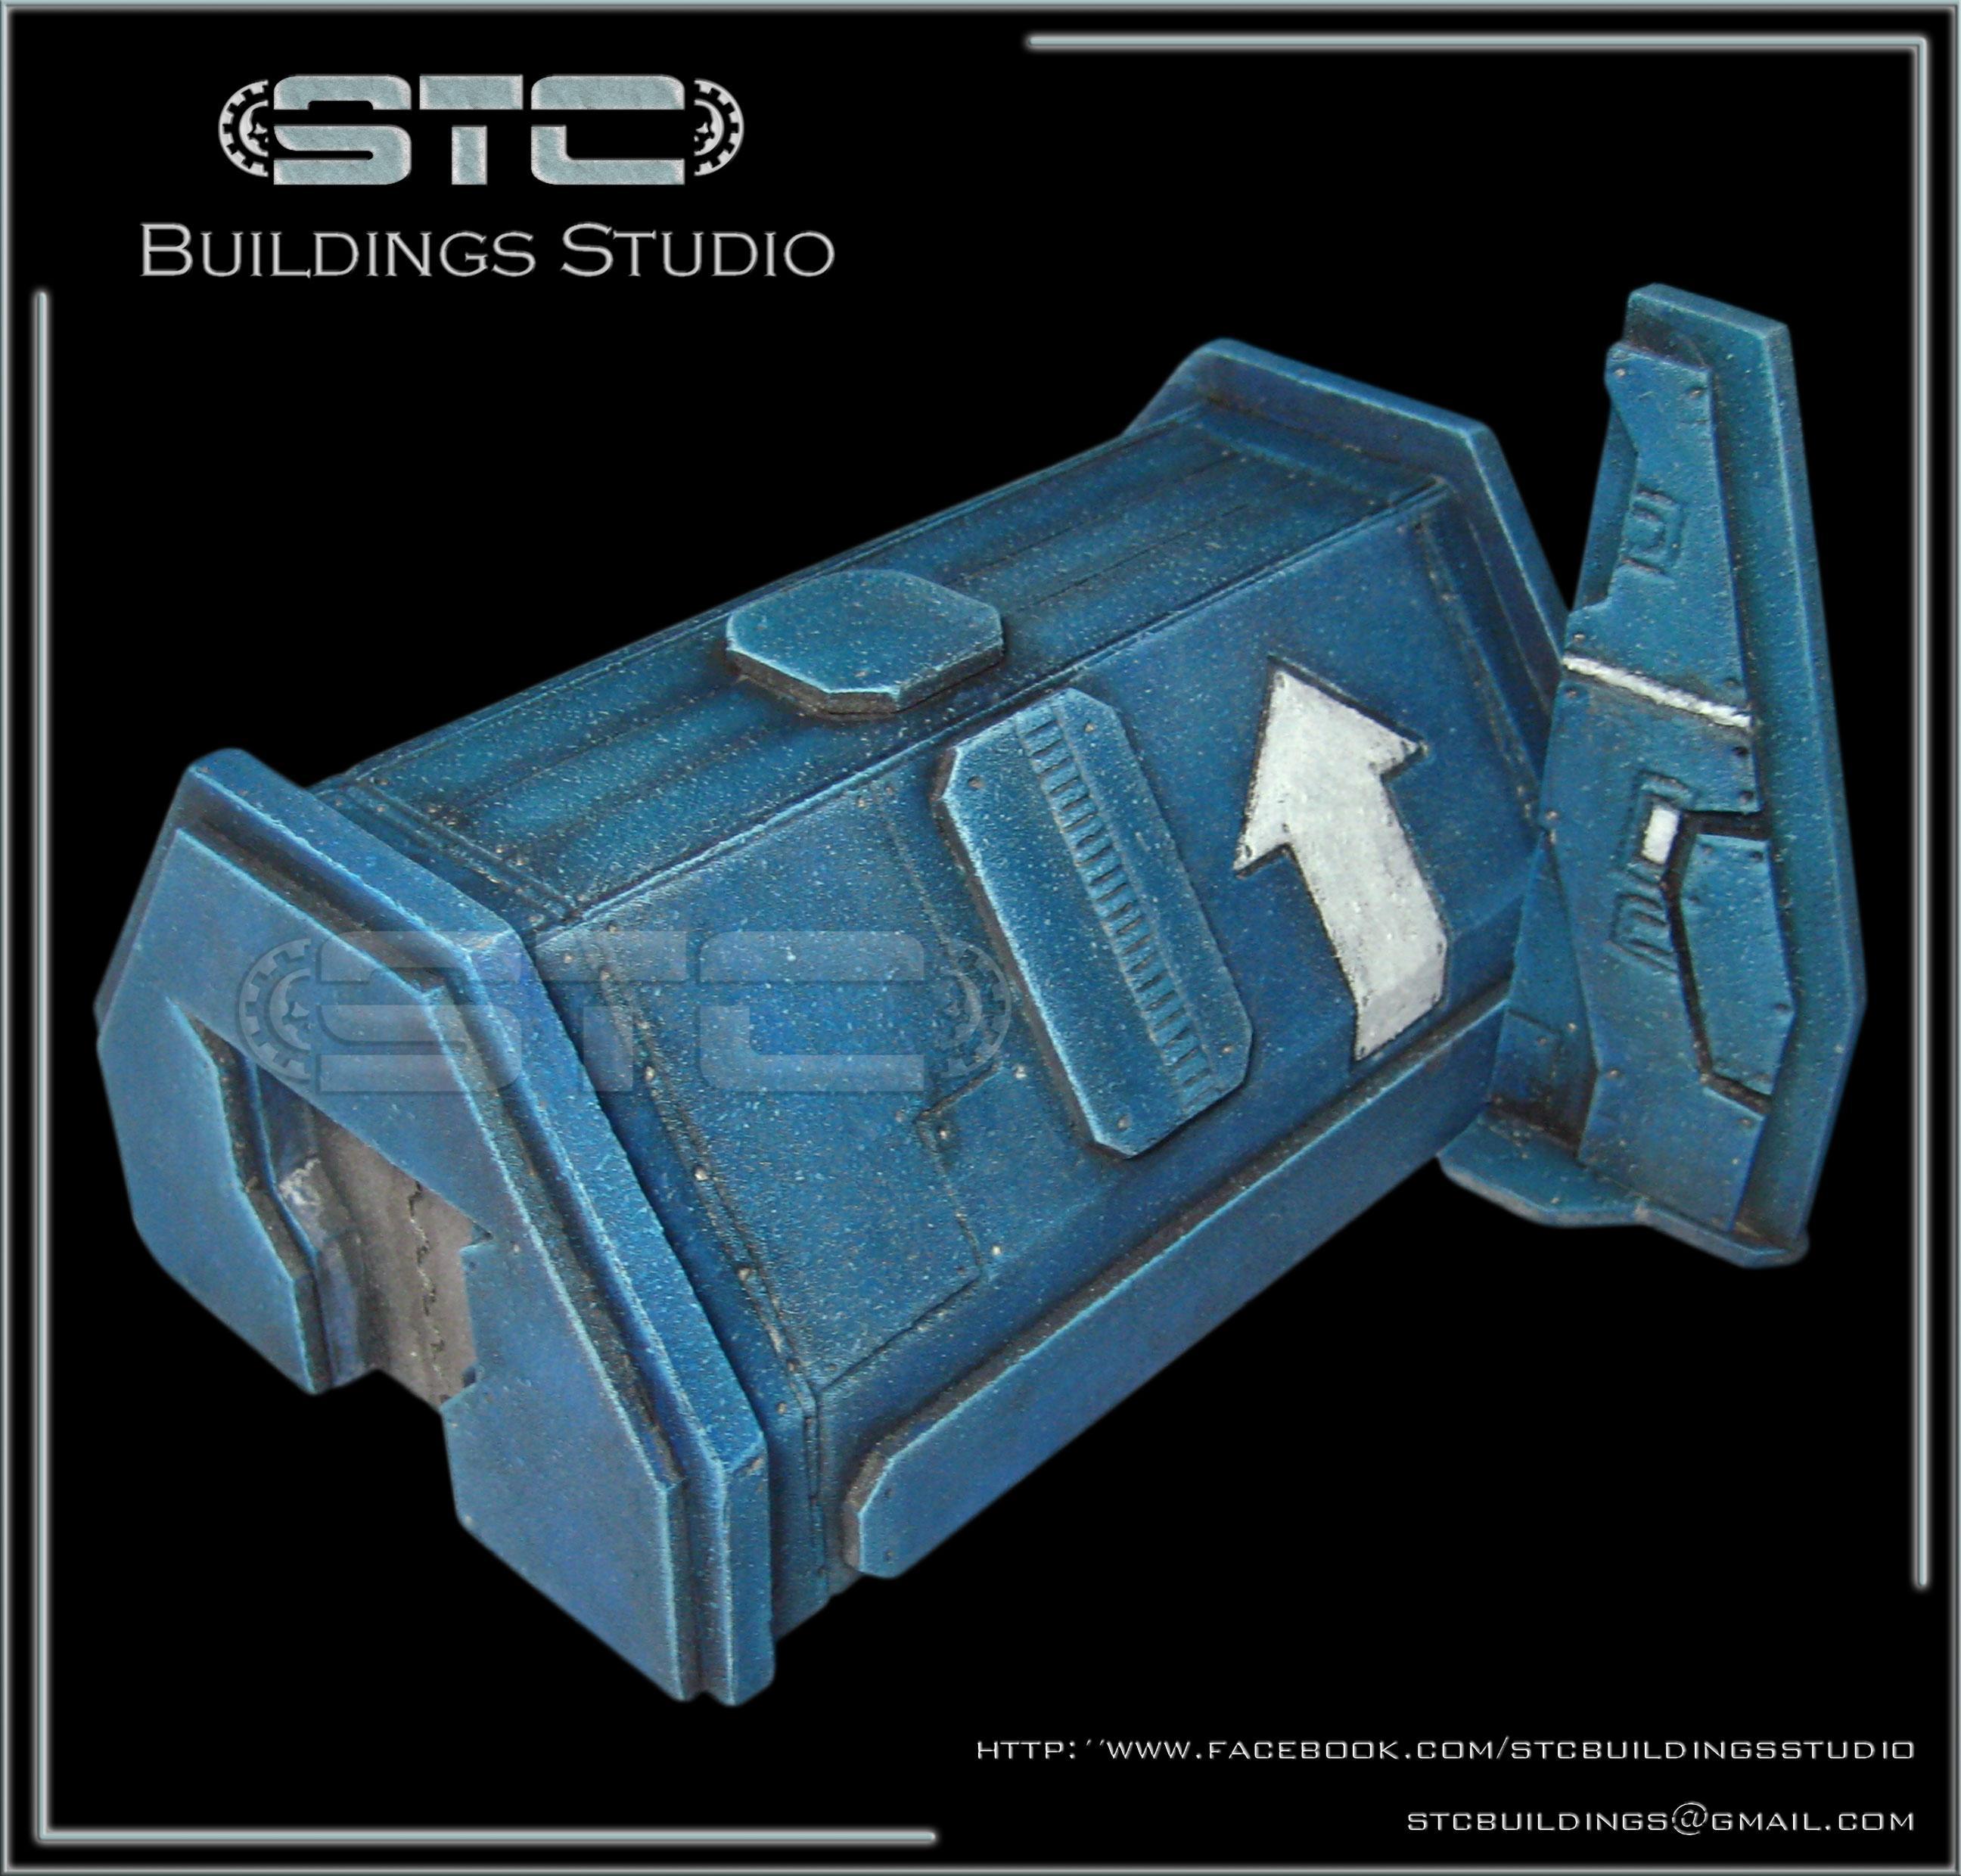 Barrack, Bunker, Game Table, Space Marines, Tabletop, Terrain, Terrains, Ultramarines, Warhammer 40,000